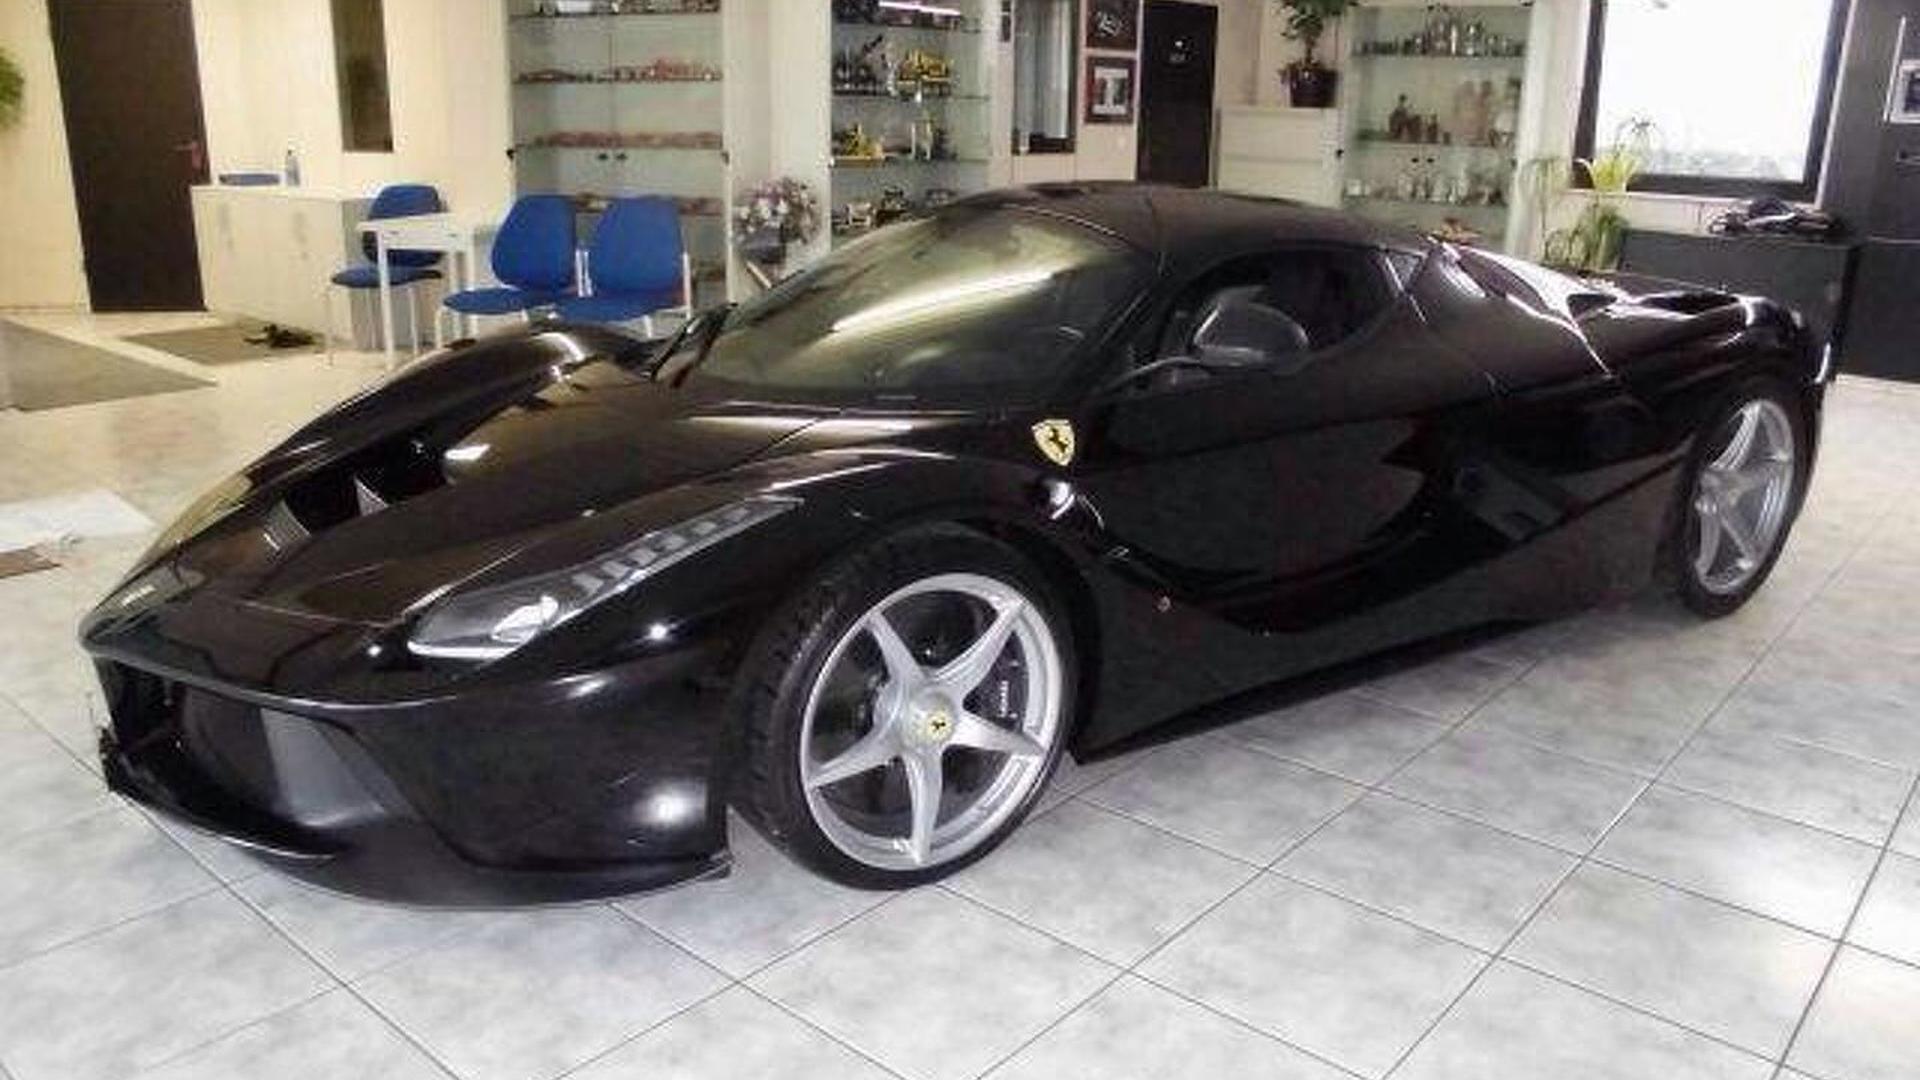 Brand new black LaFerrari on sale in Dubai for $3.4 million, almost double than original price